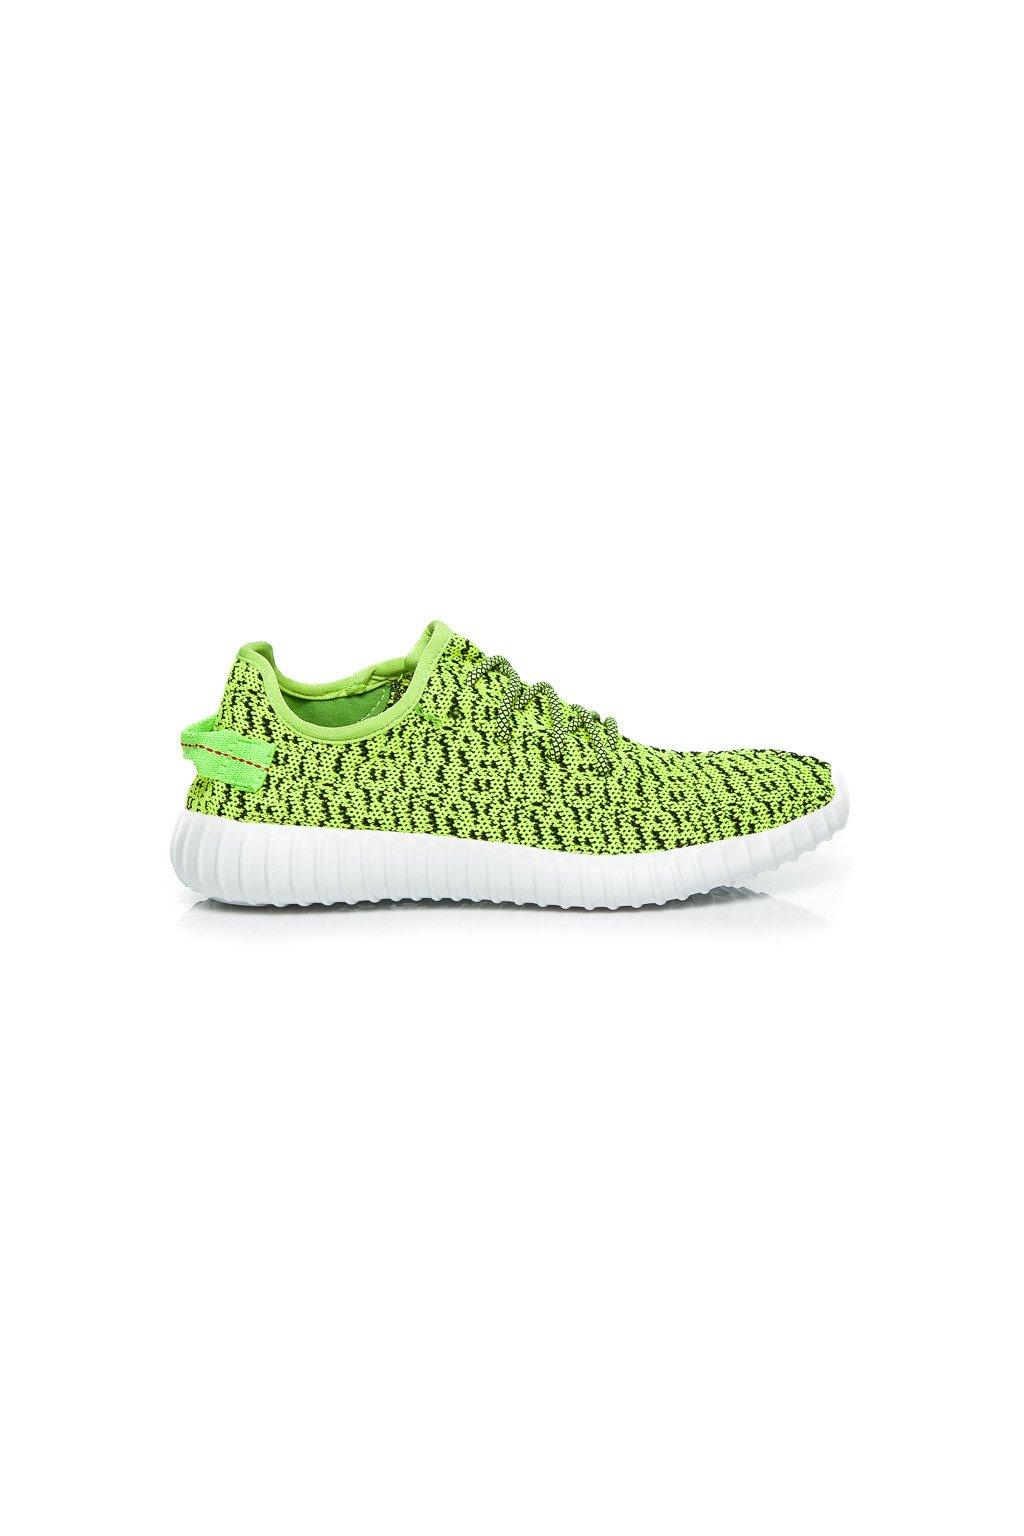 Dámska športová obuv VICES 8124-29GR veľ.č. 36, 37 (Veľkosť UK7 / EUR 40)